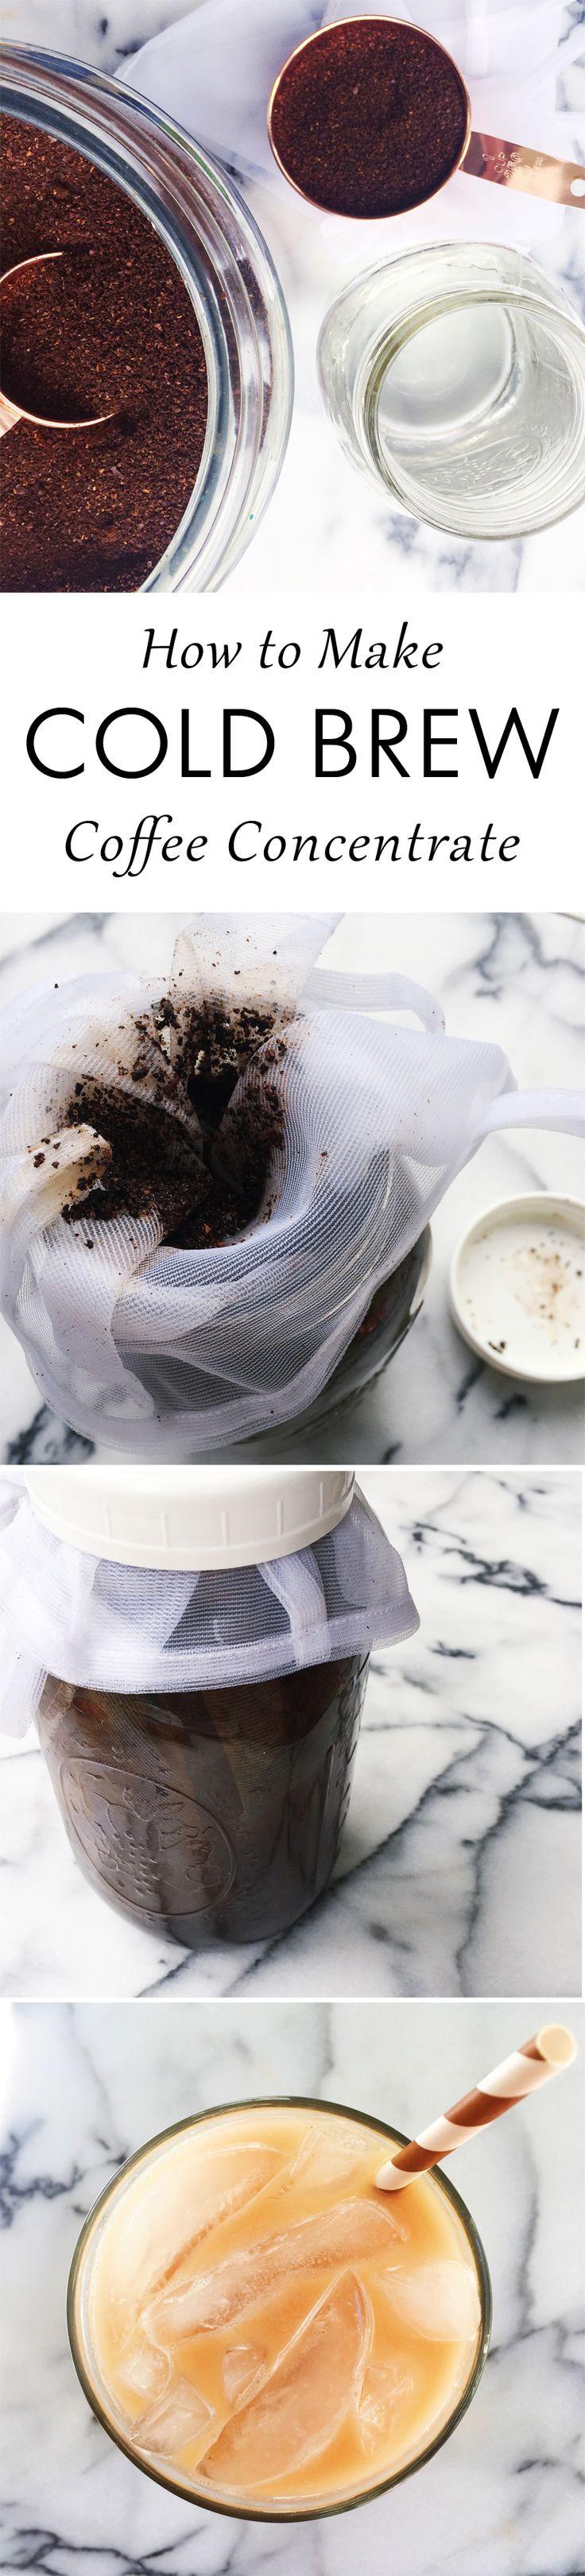 Ihren eigenen kalten Kaffee zuzubereiten ist eigentlich ganz einfach. Alles was Sie brauchen ist ein maso …